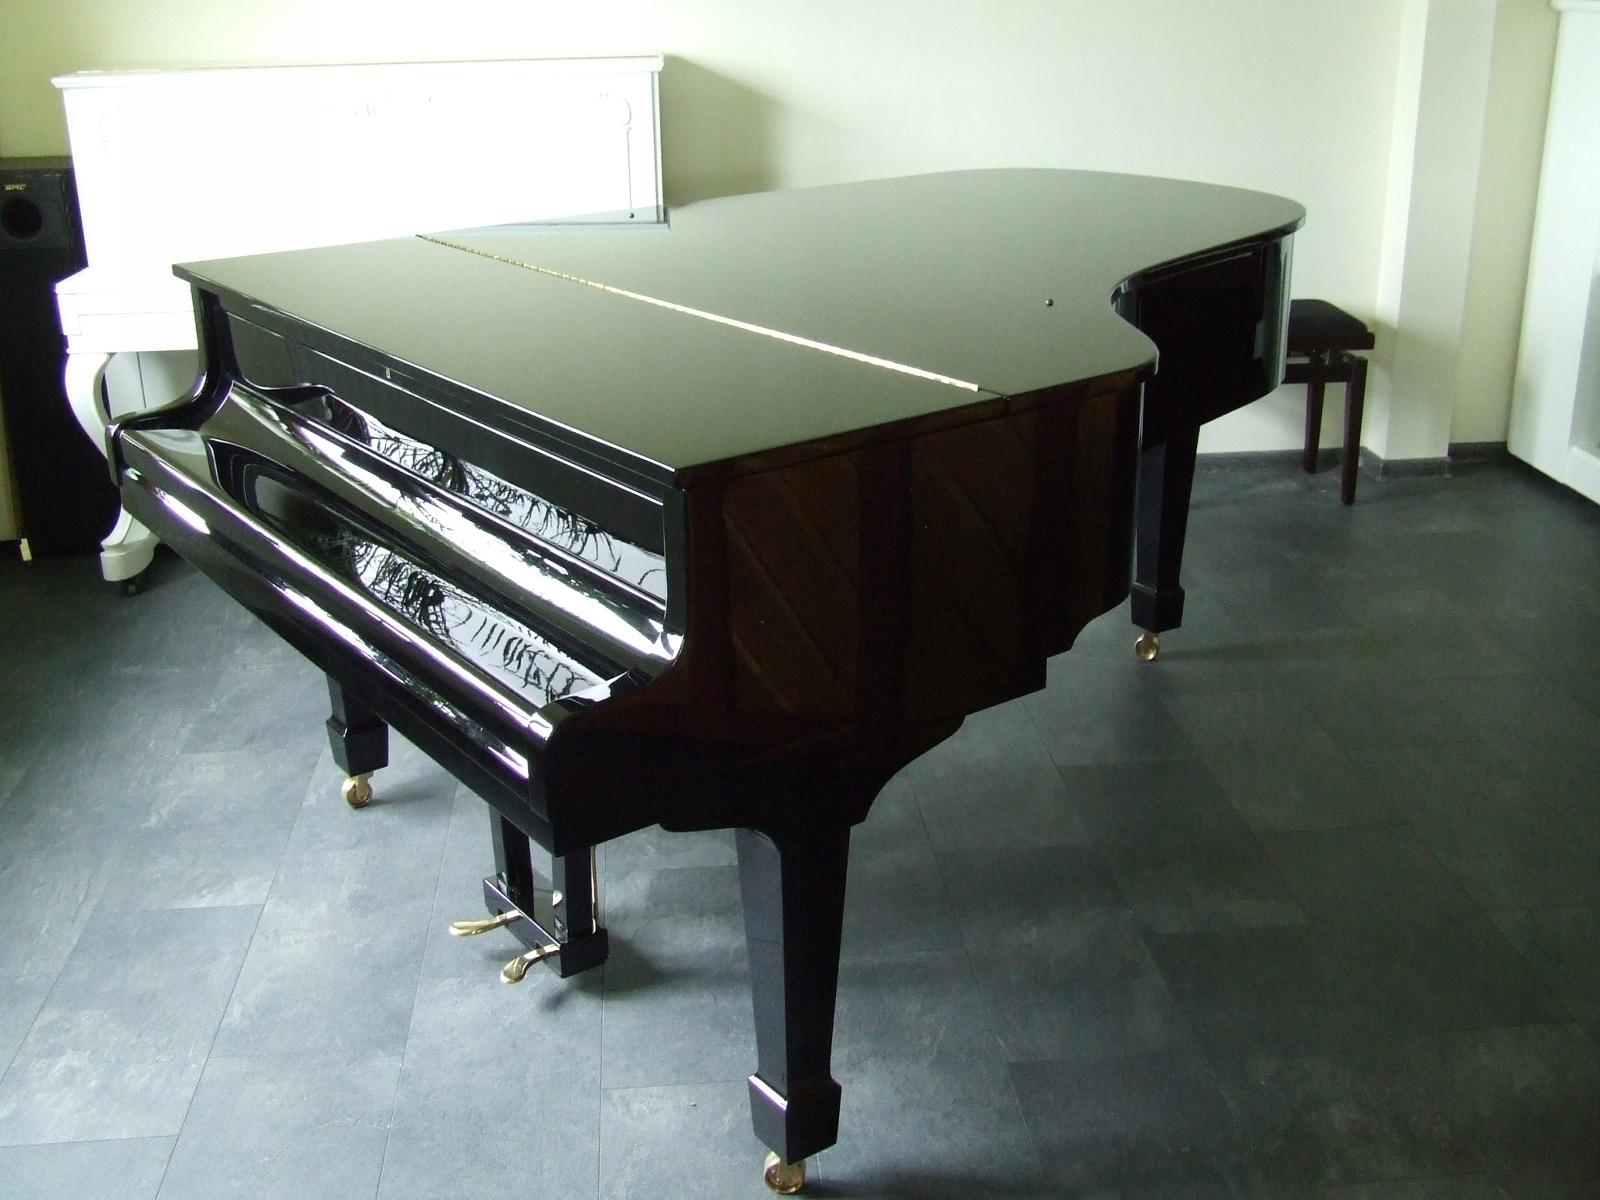 Ibach klavír 208 cm od roku 1972, čierna ako nová